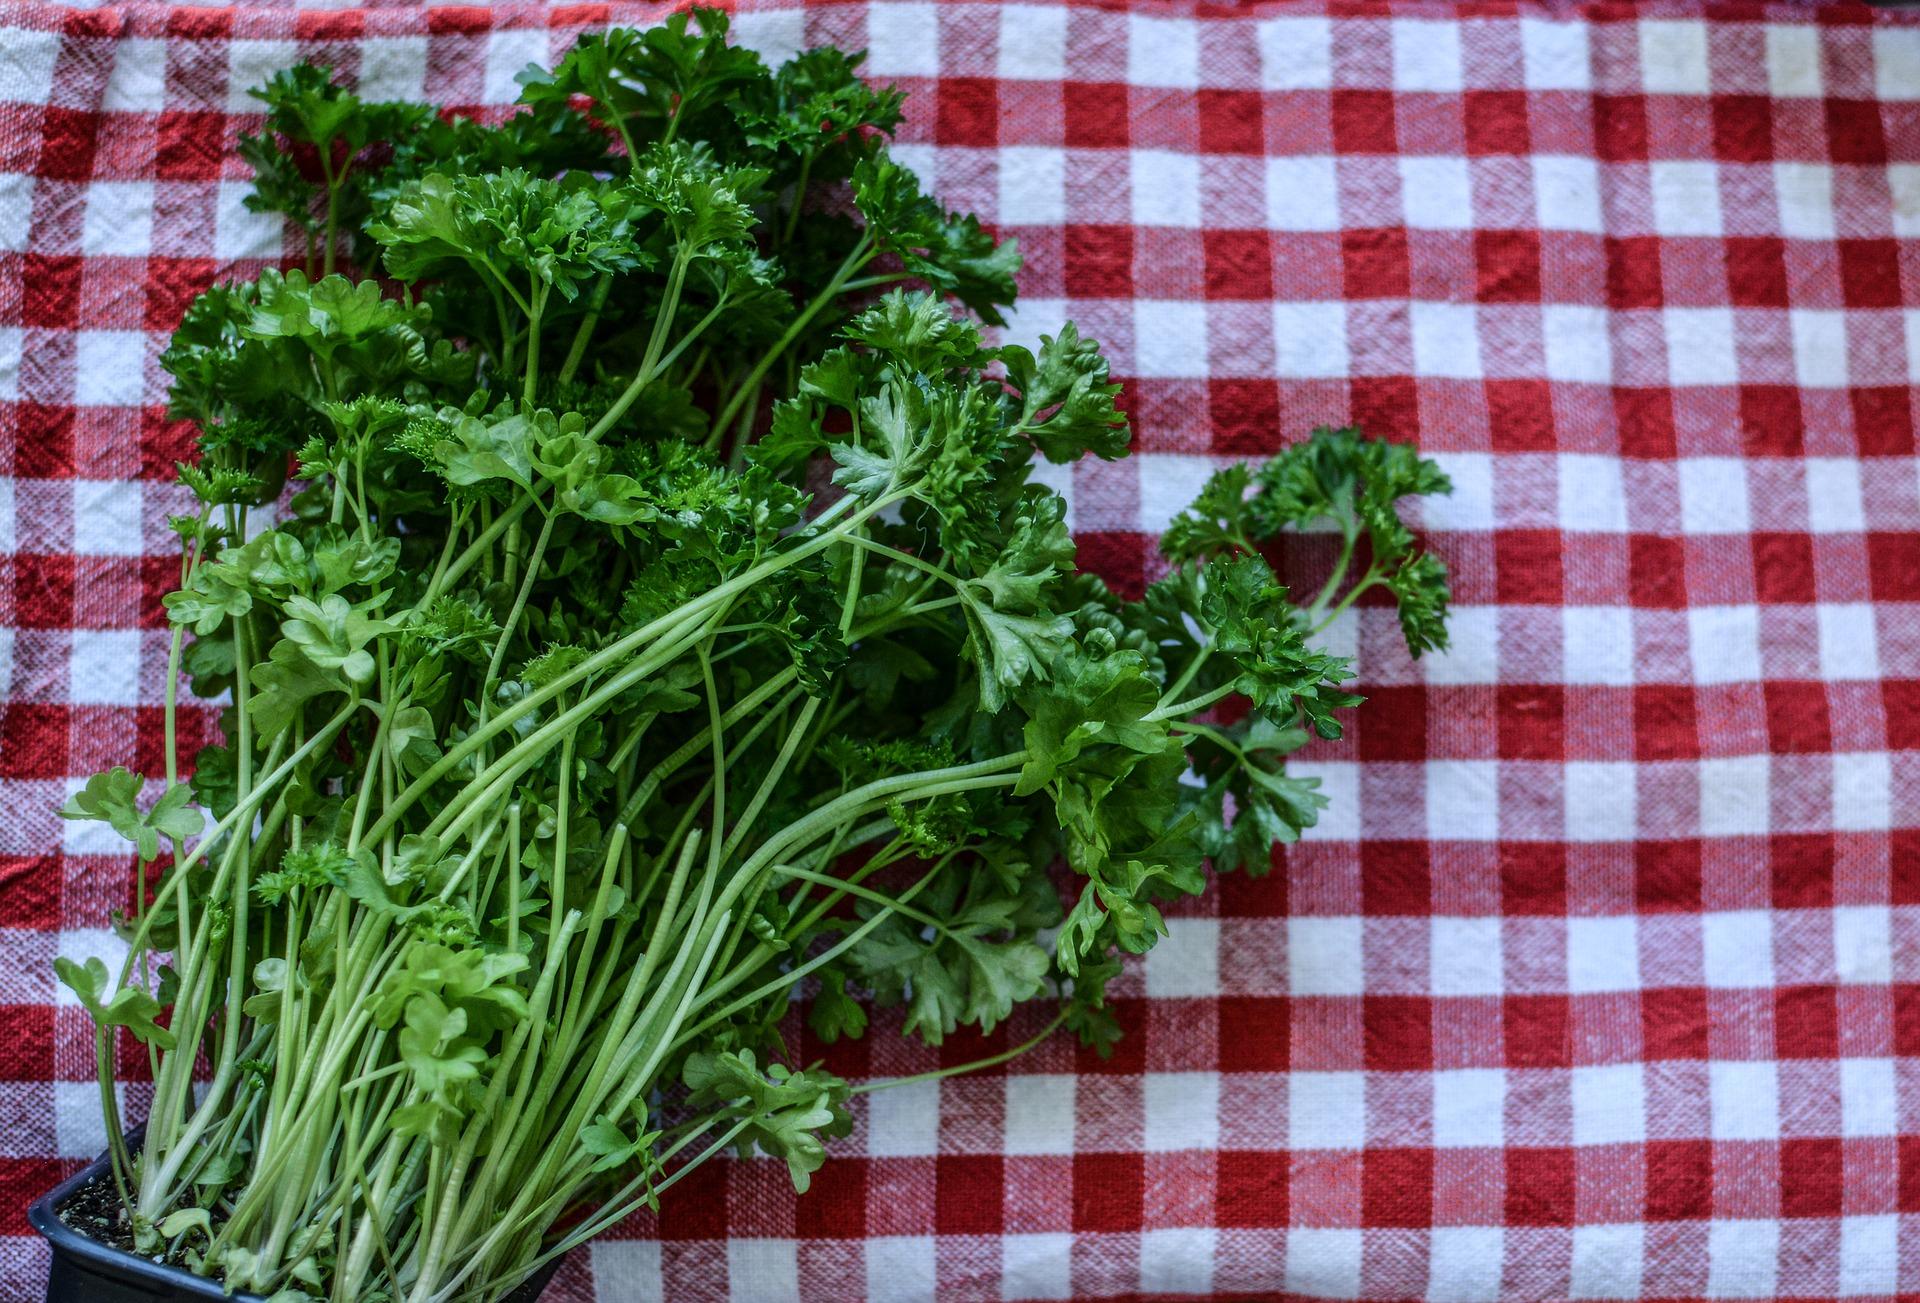 parsley-2874348_1920.jpg